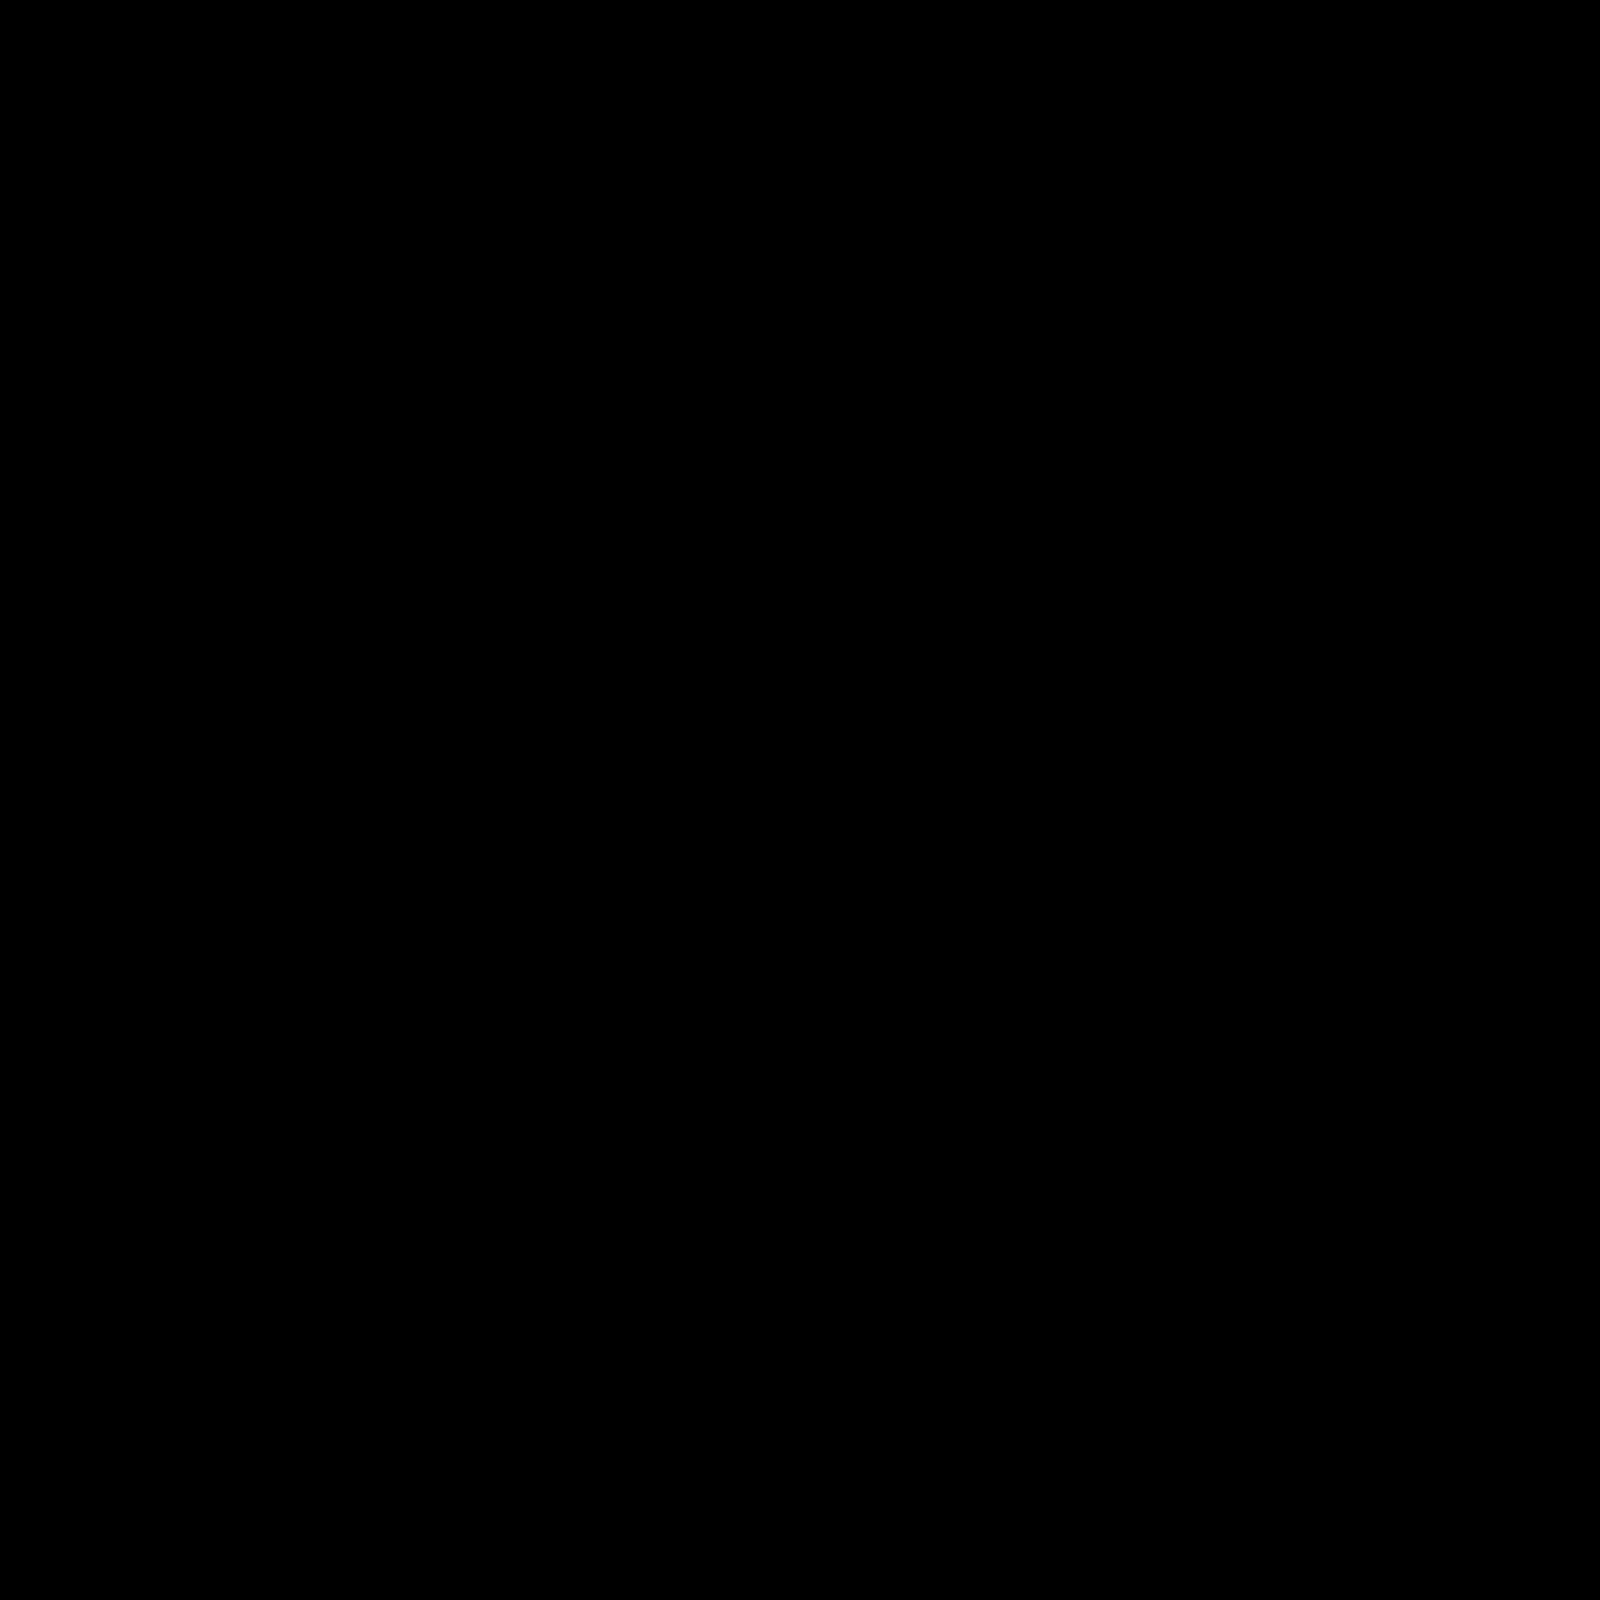 Meanpath icon